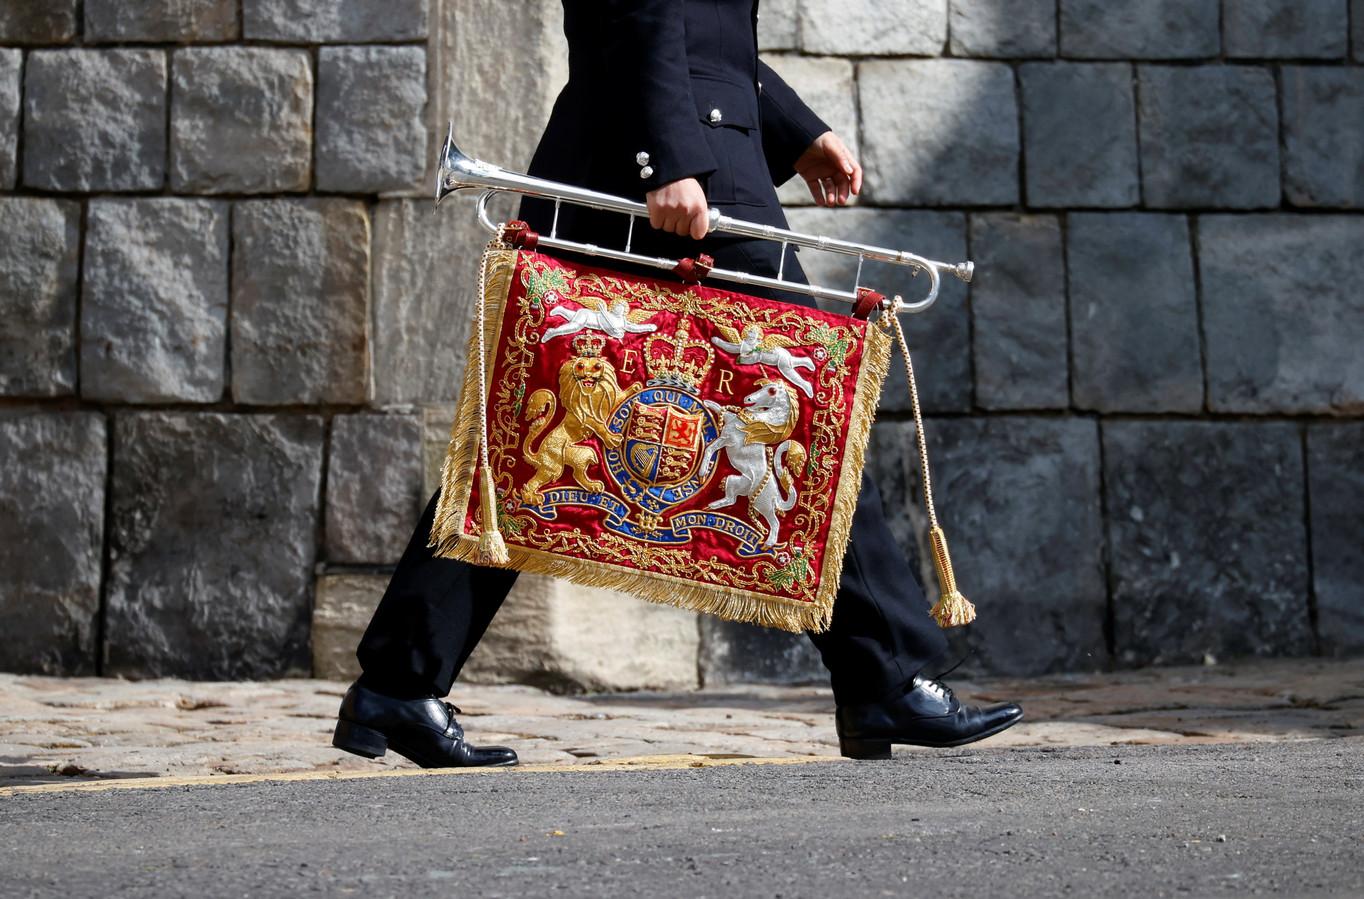 Un soldat portant un clairon drapé de l'étendard royal au château de Windsor.